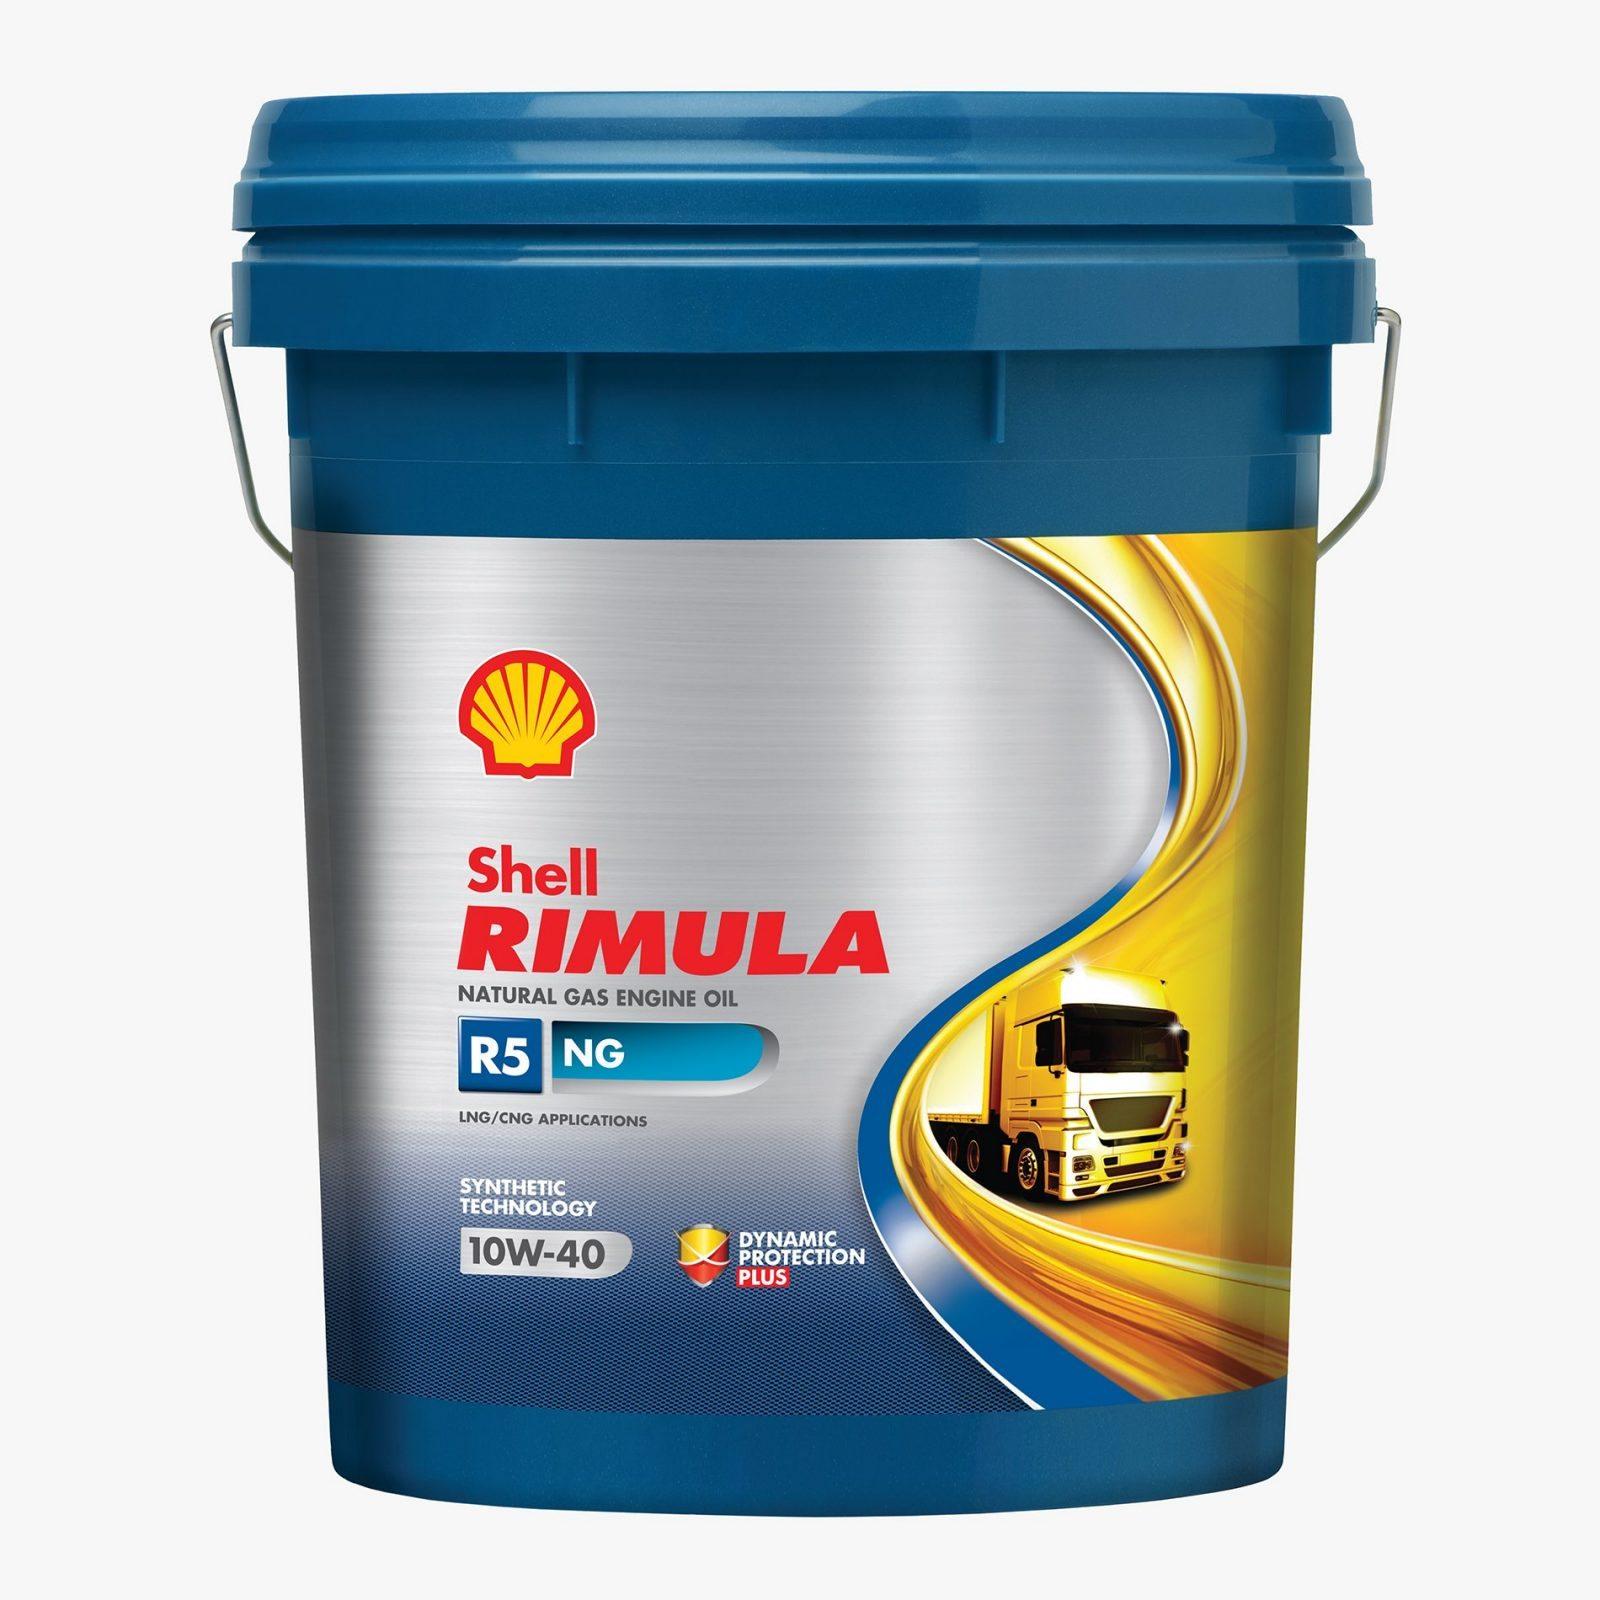 Shell Rimula R5 NG